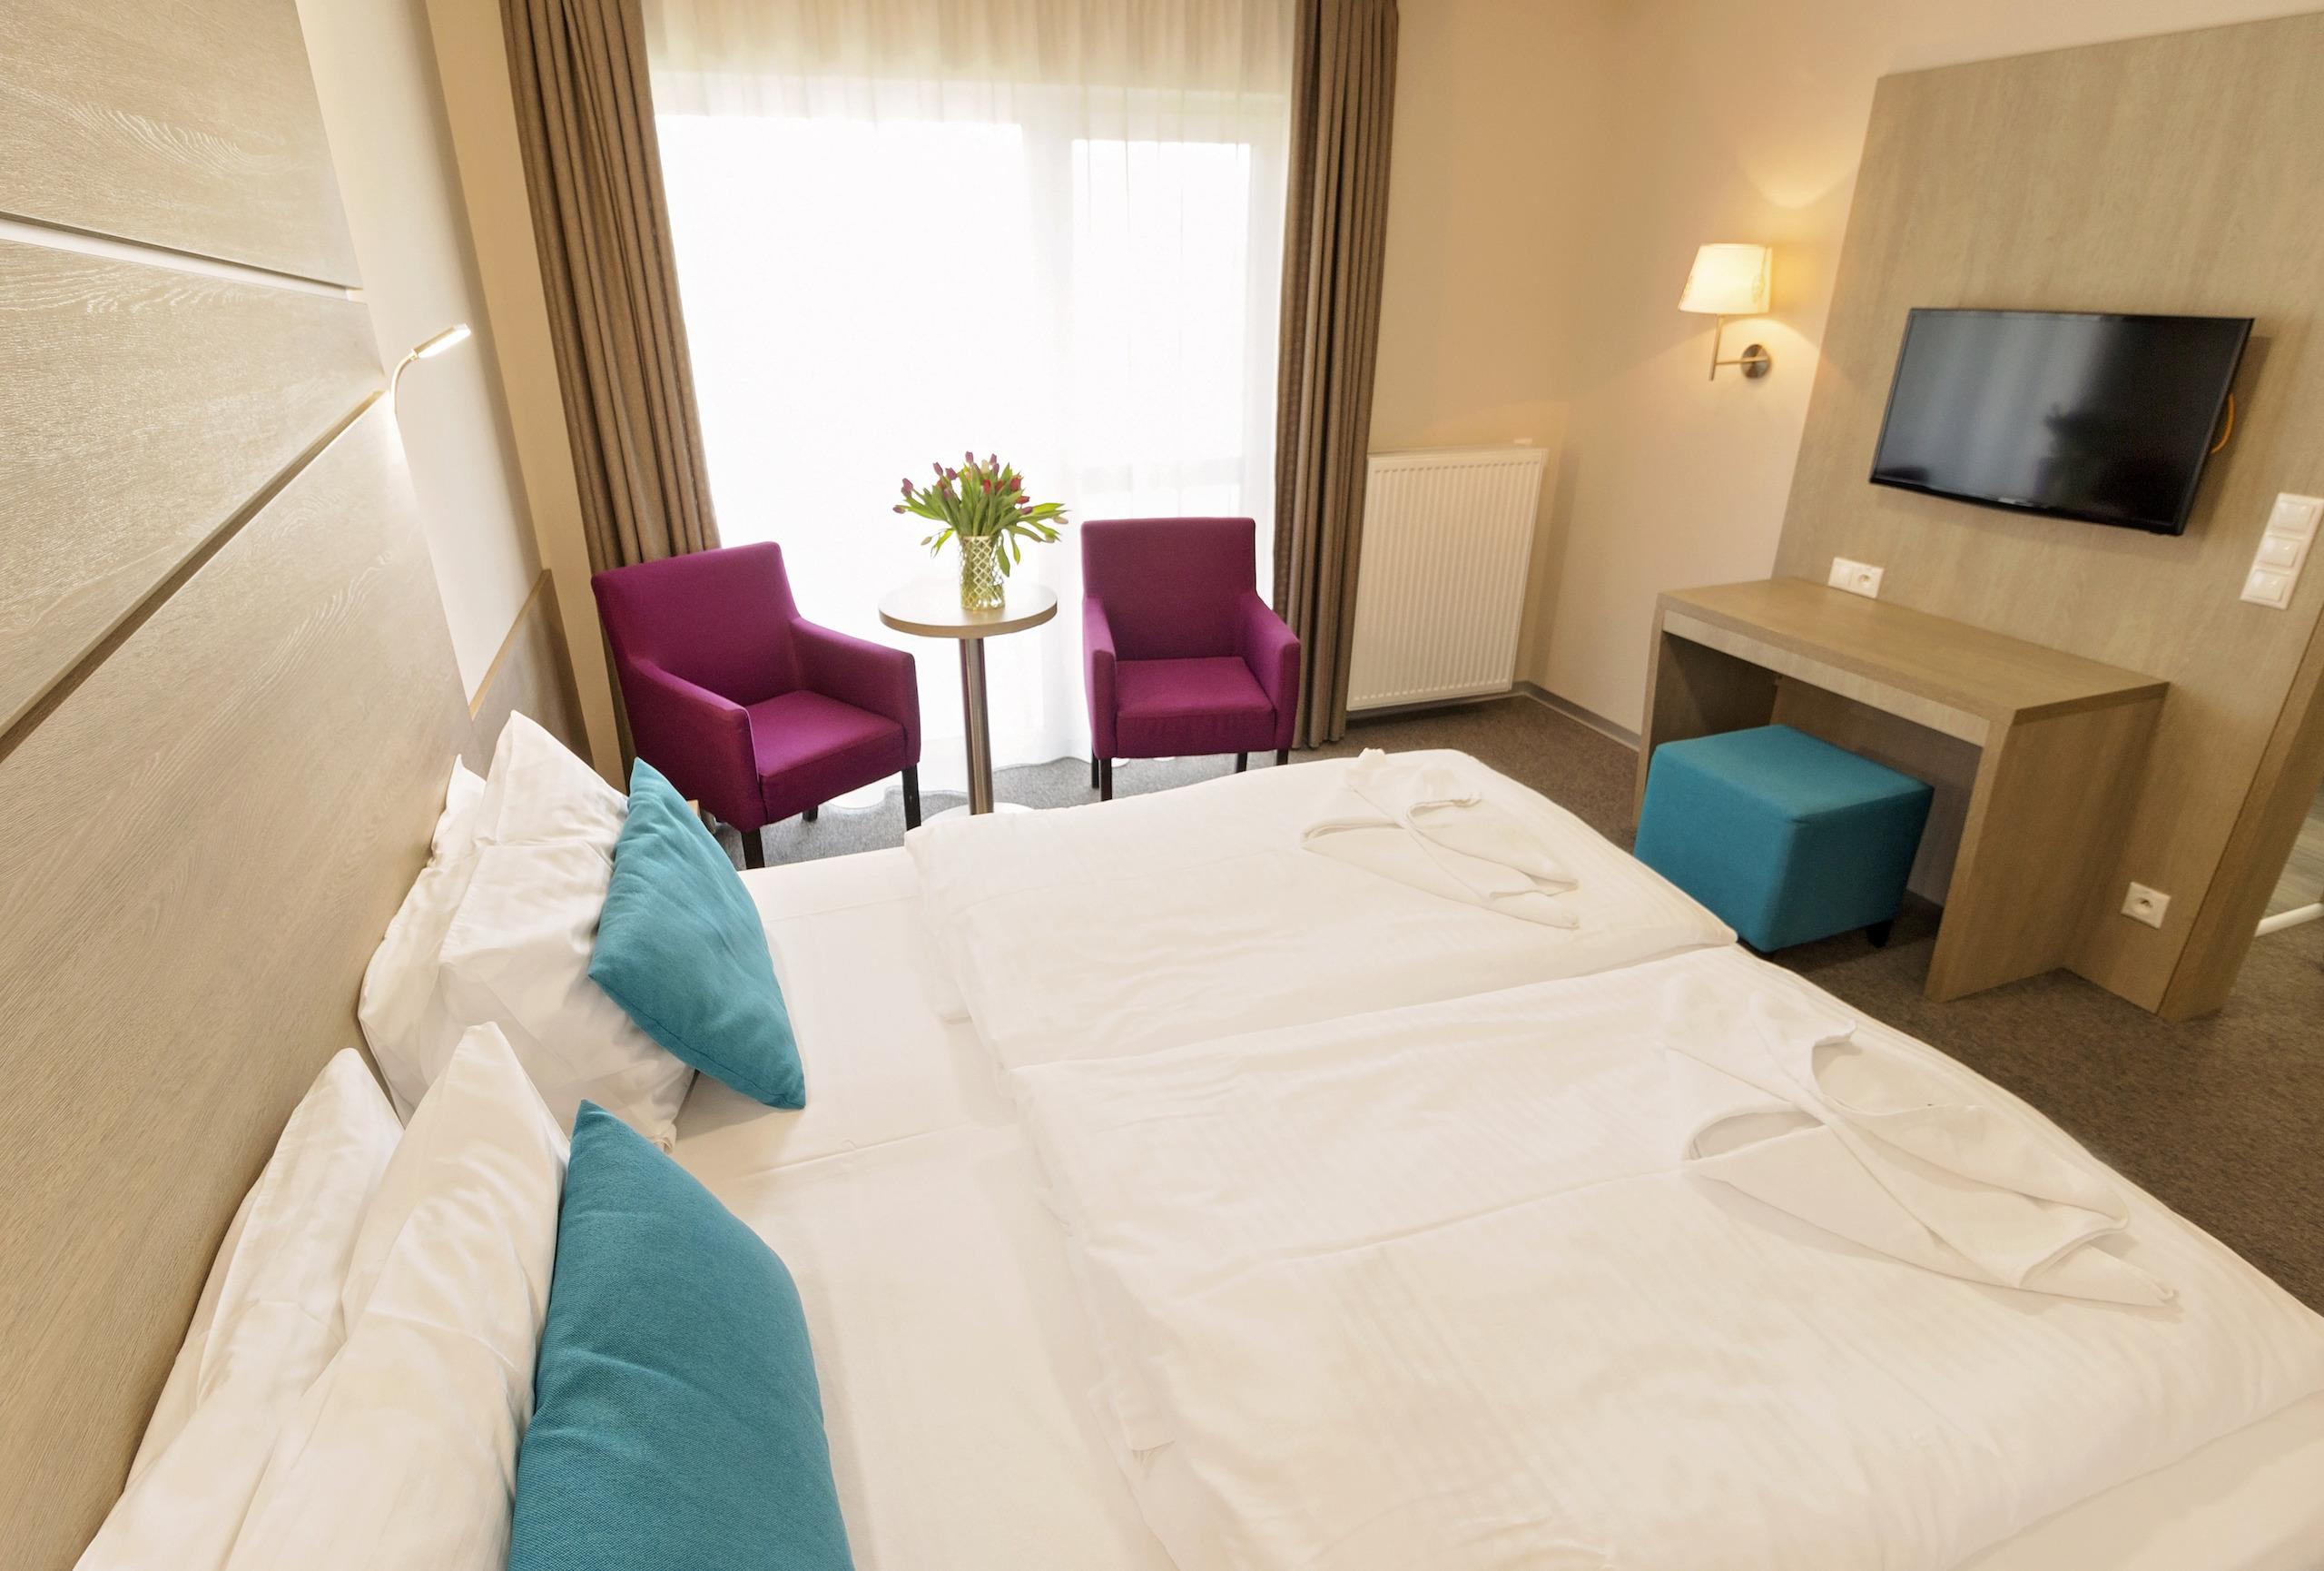 3ec44c7ba9 Hotel Aqua Varga ubytování Veľký Meder izba